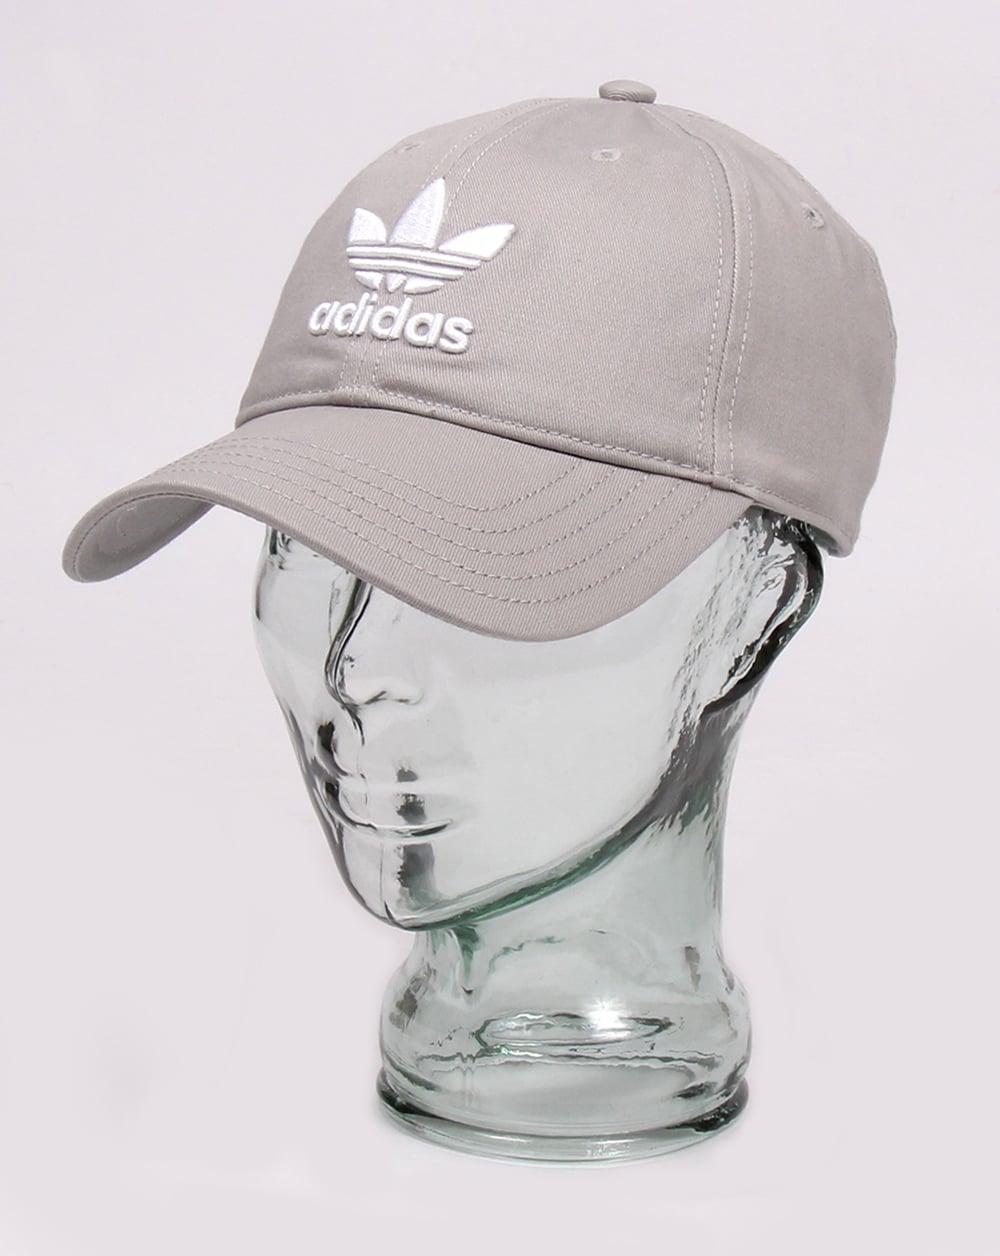 adidas Originals Adidas Originals Trefoil Baseball Cap Grey 29bc538b8b65